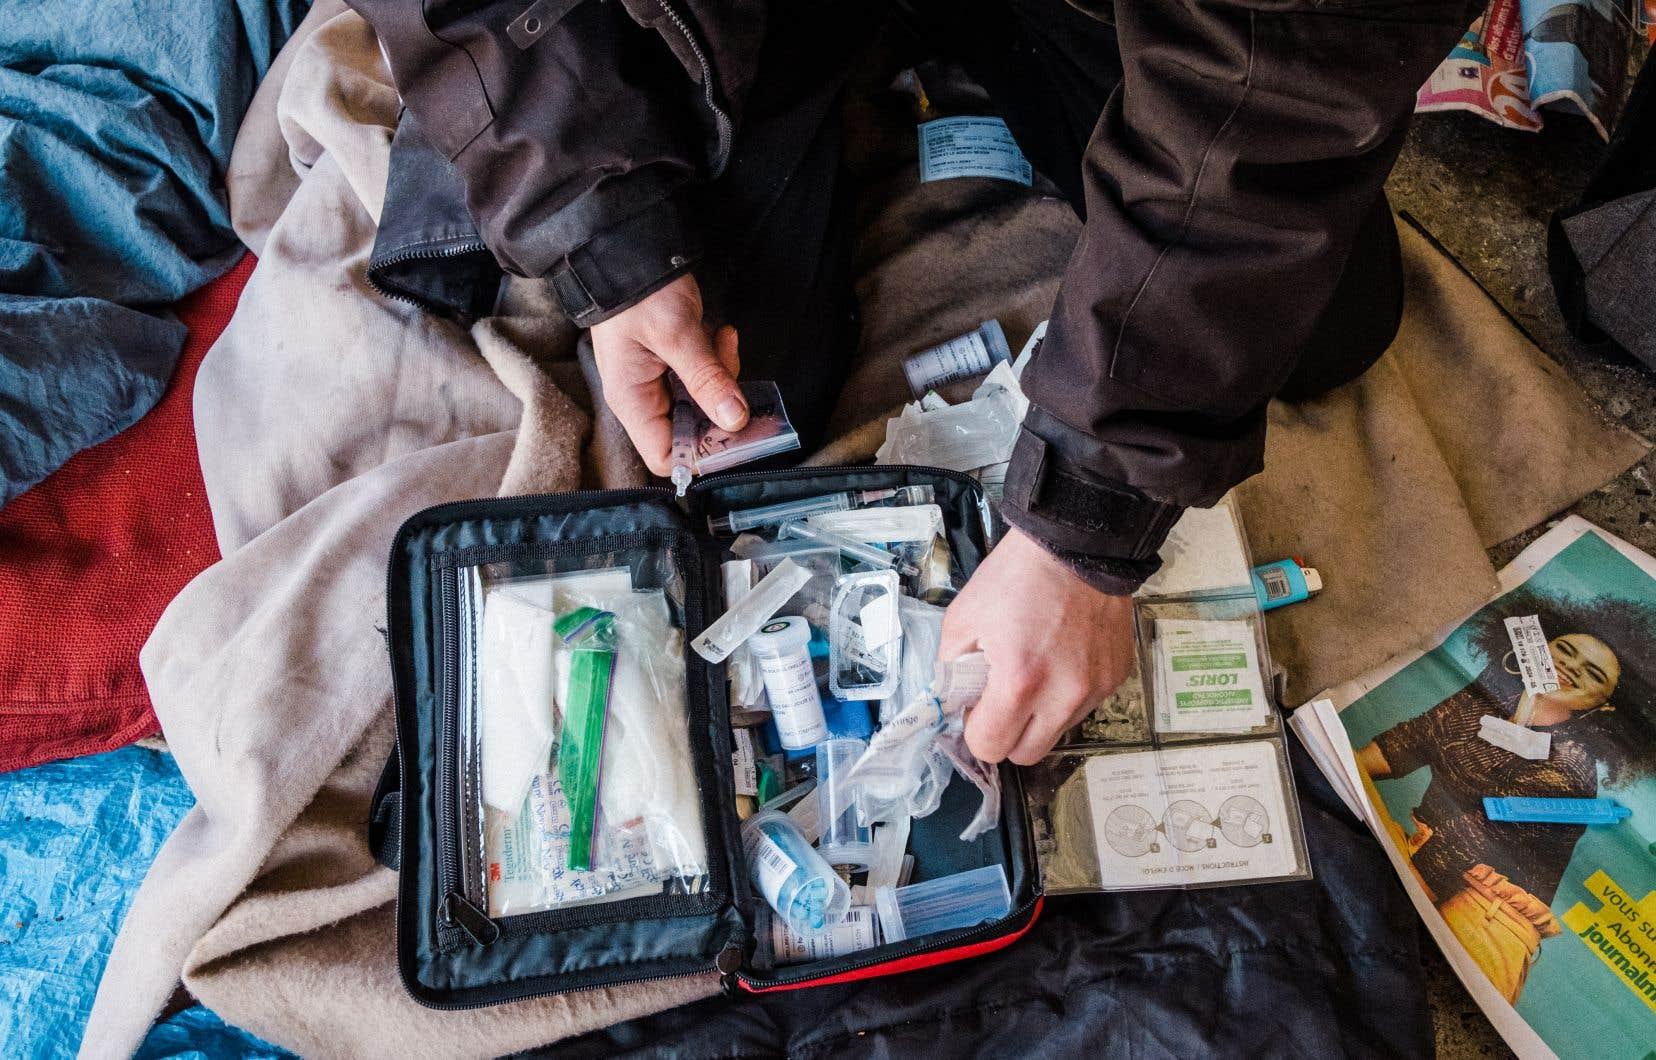 La décriminalisation des drogues est un sujet encore chaudement débattu dans l'arène politique.